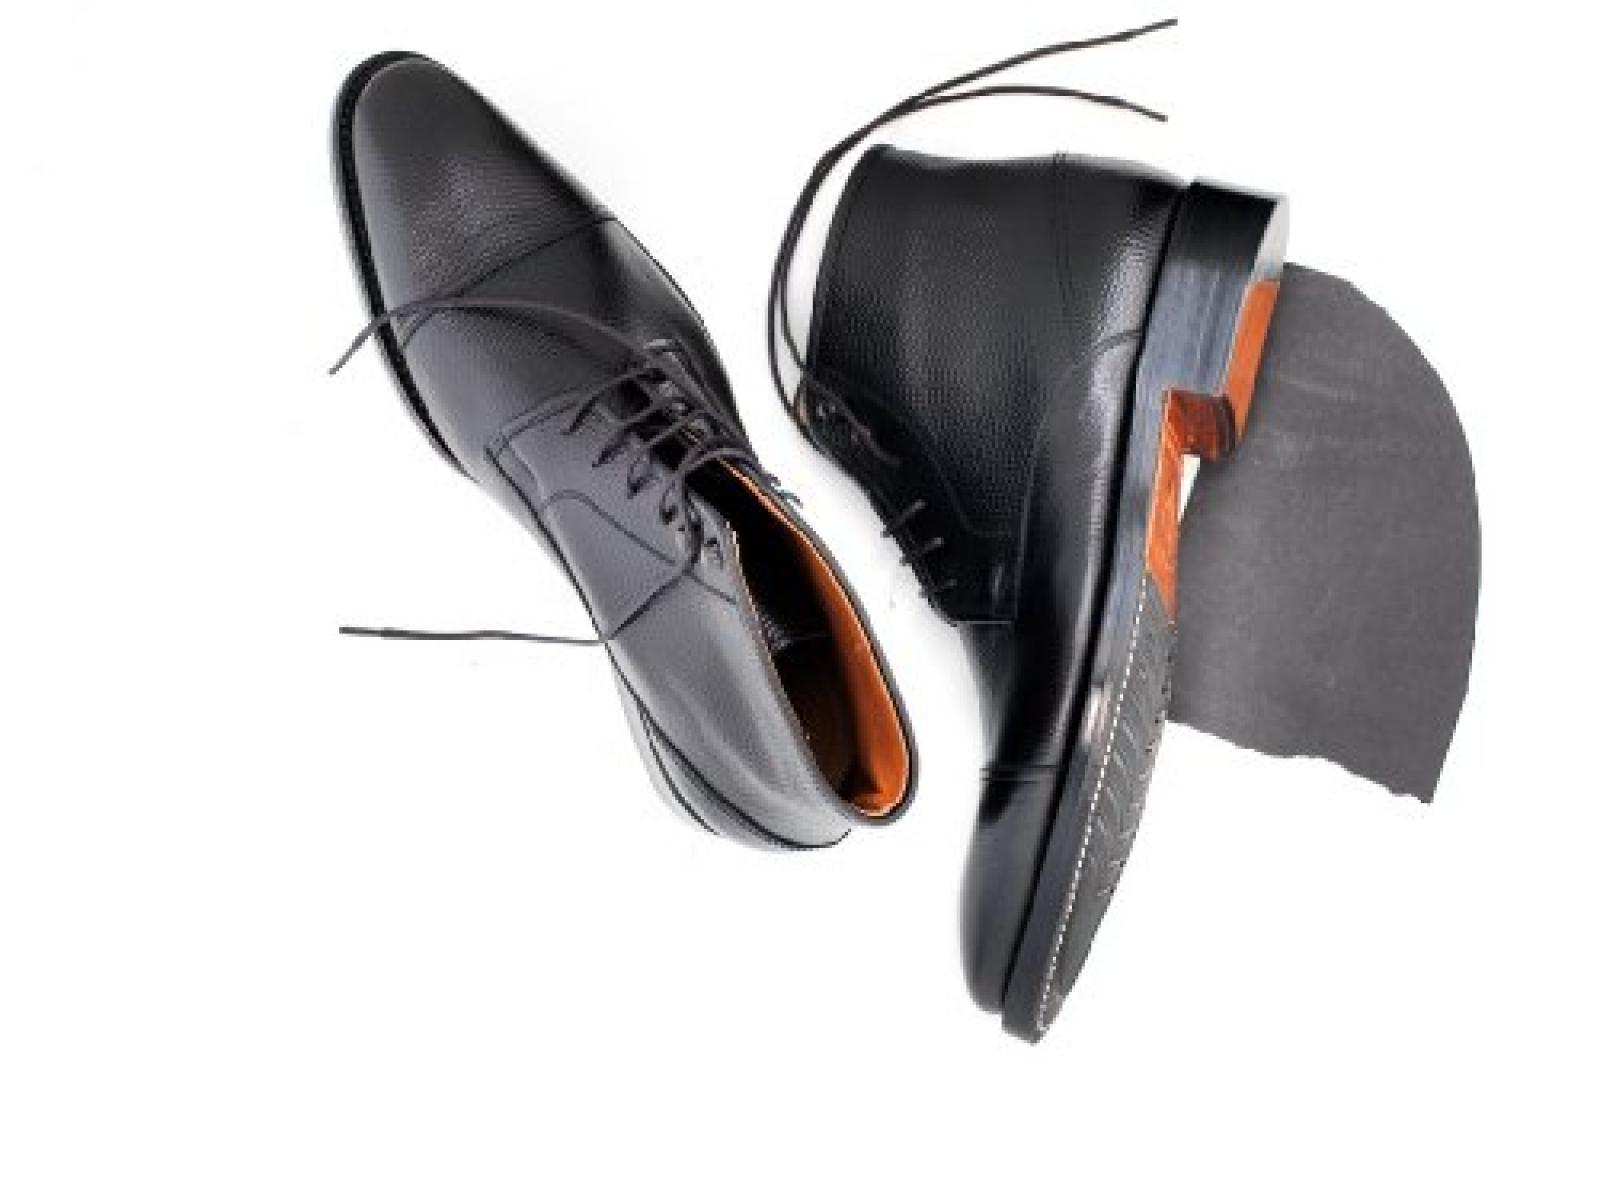 Prime Shoes Berlin Rahmengenäht Schwarz Schnürstiefelette aus feinsten Kalbsleder 43